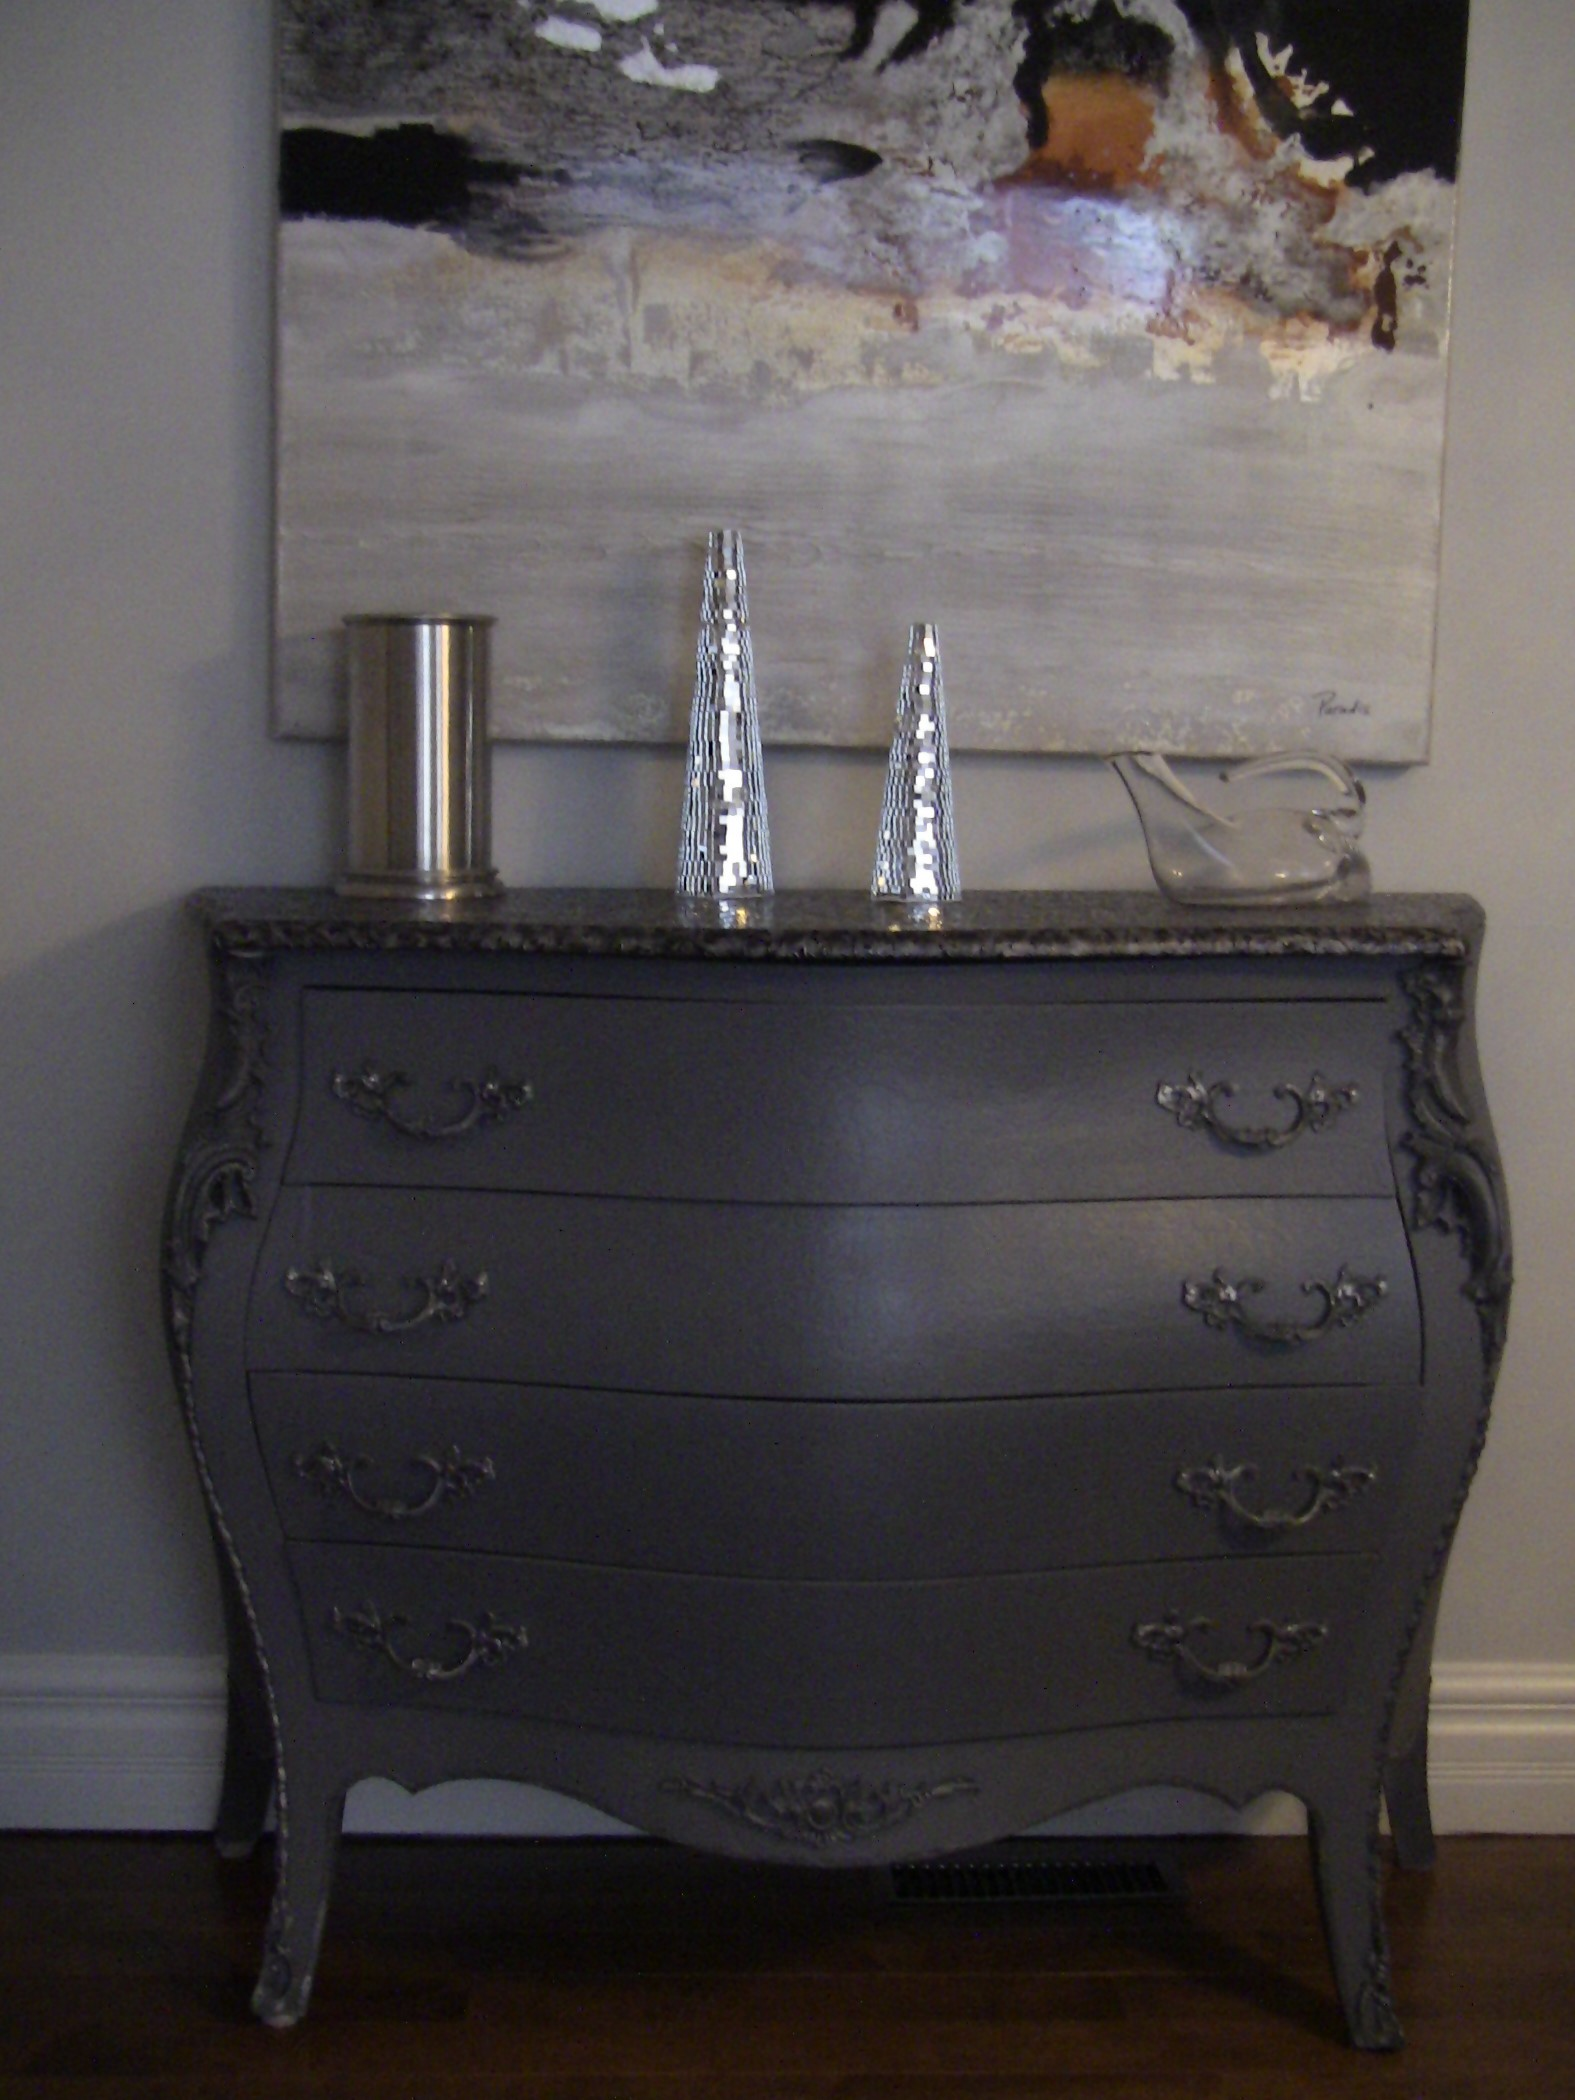 Meuble tv bois peint - Donner des meubles gratuitement ...